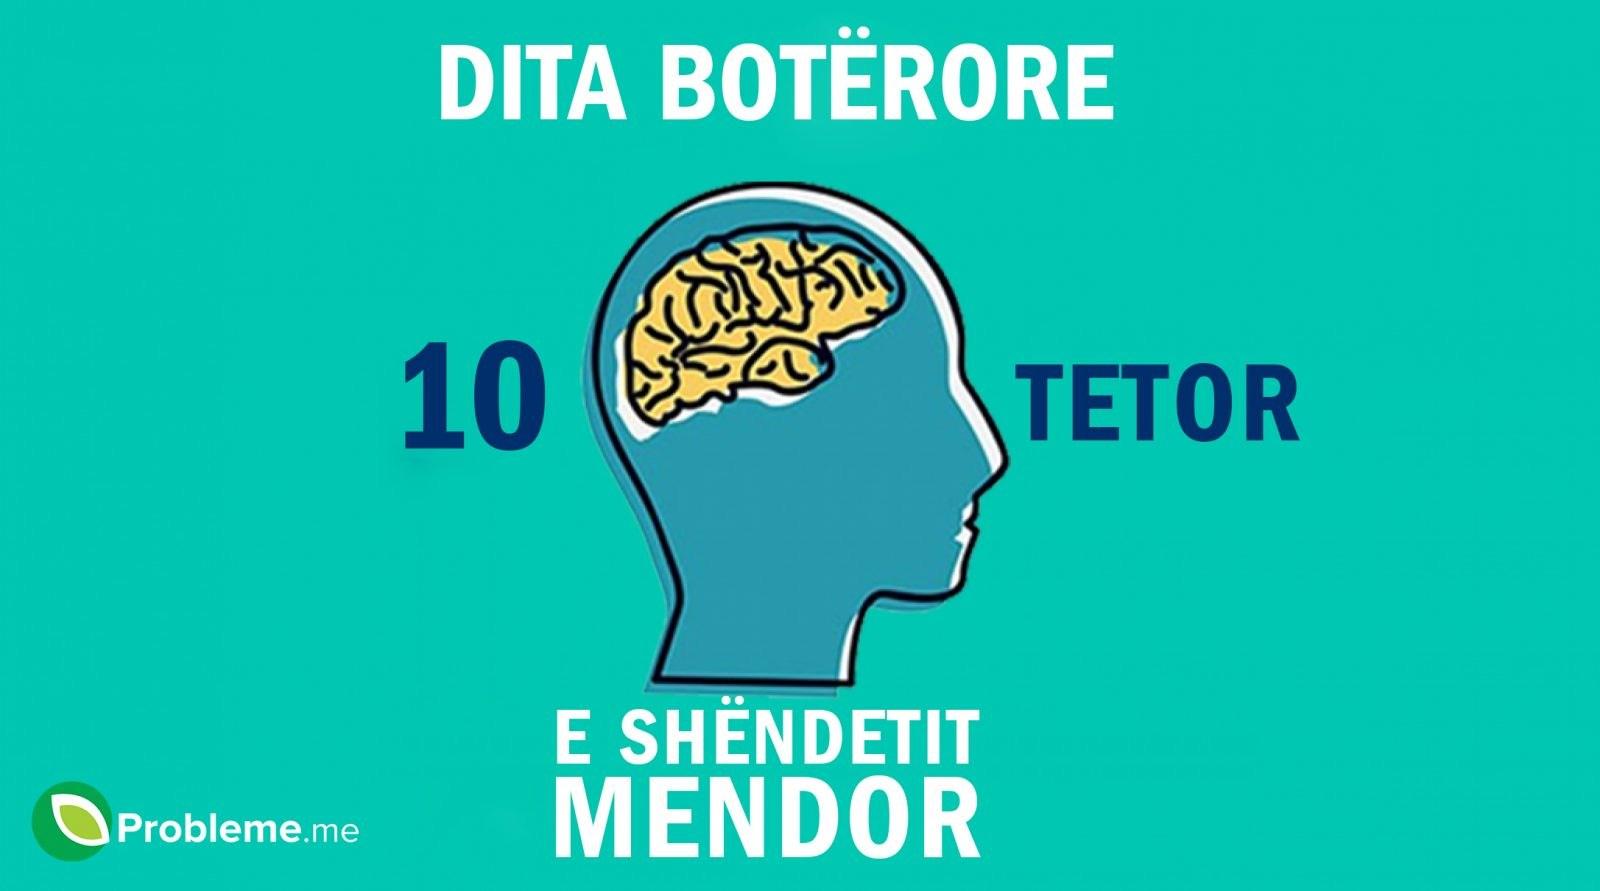 Dita Botërore e Shëndetit Mendor